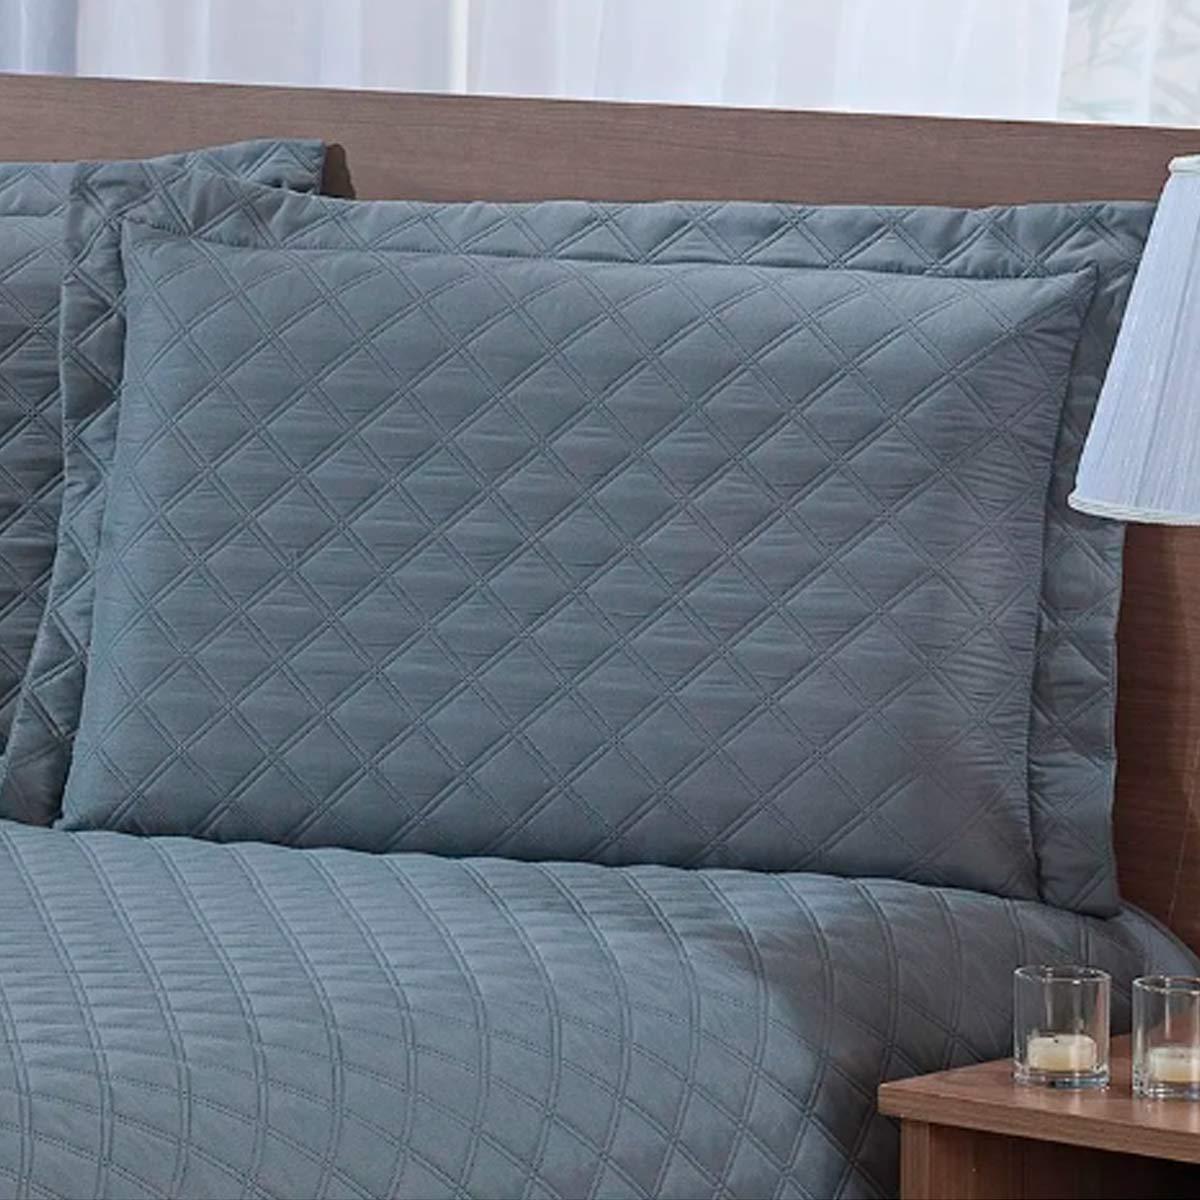 Porta travesseiro sicilia avulso CINZA